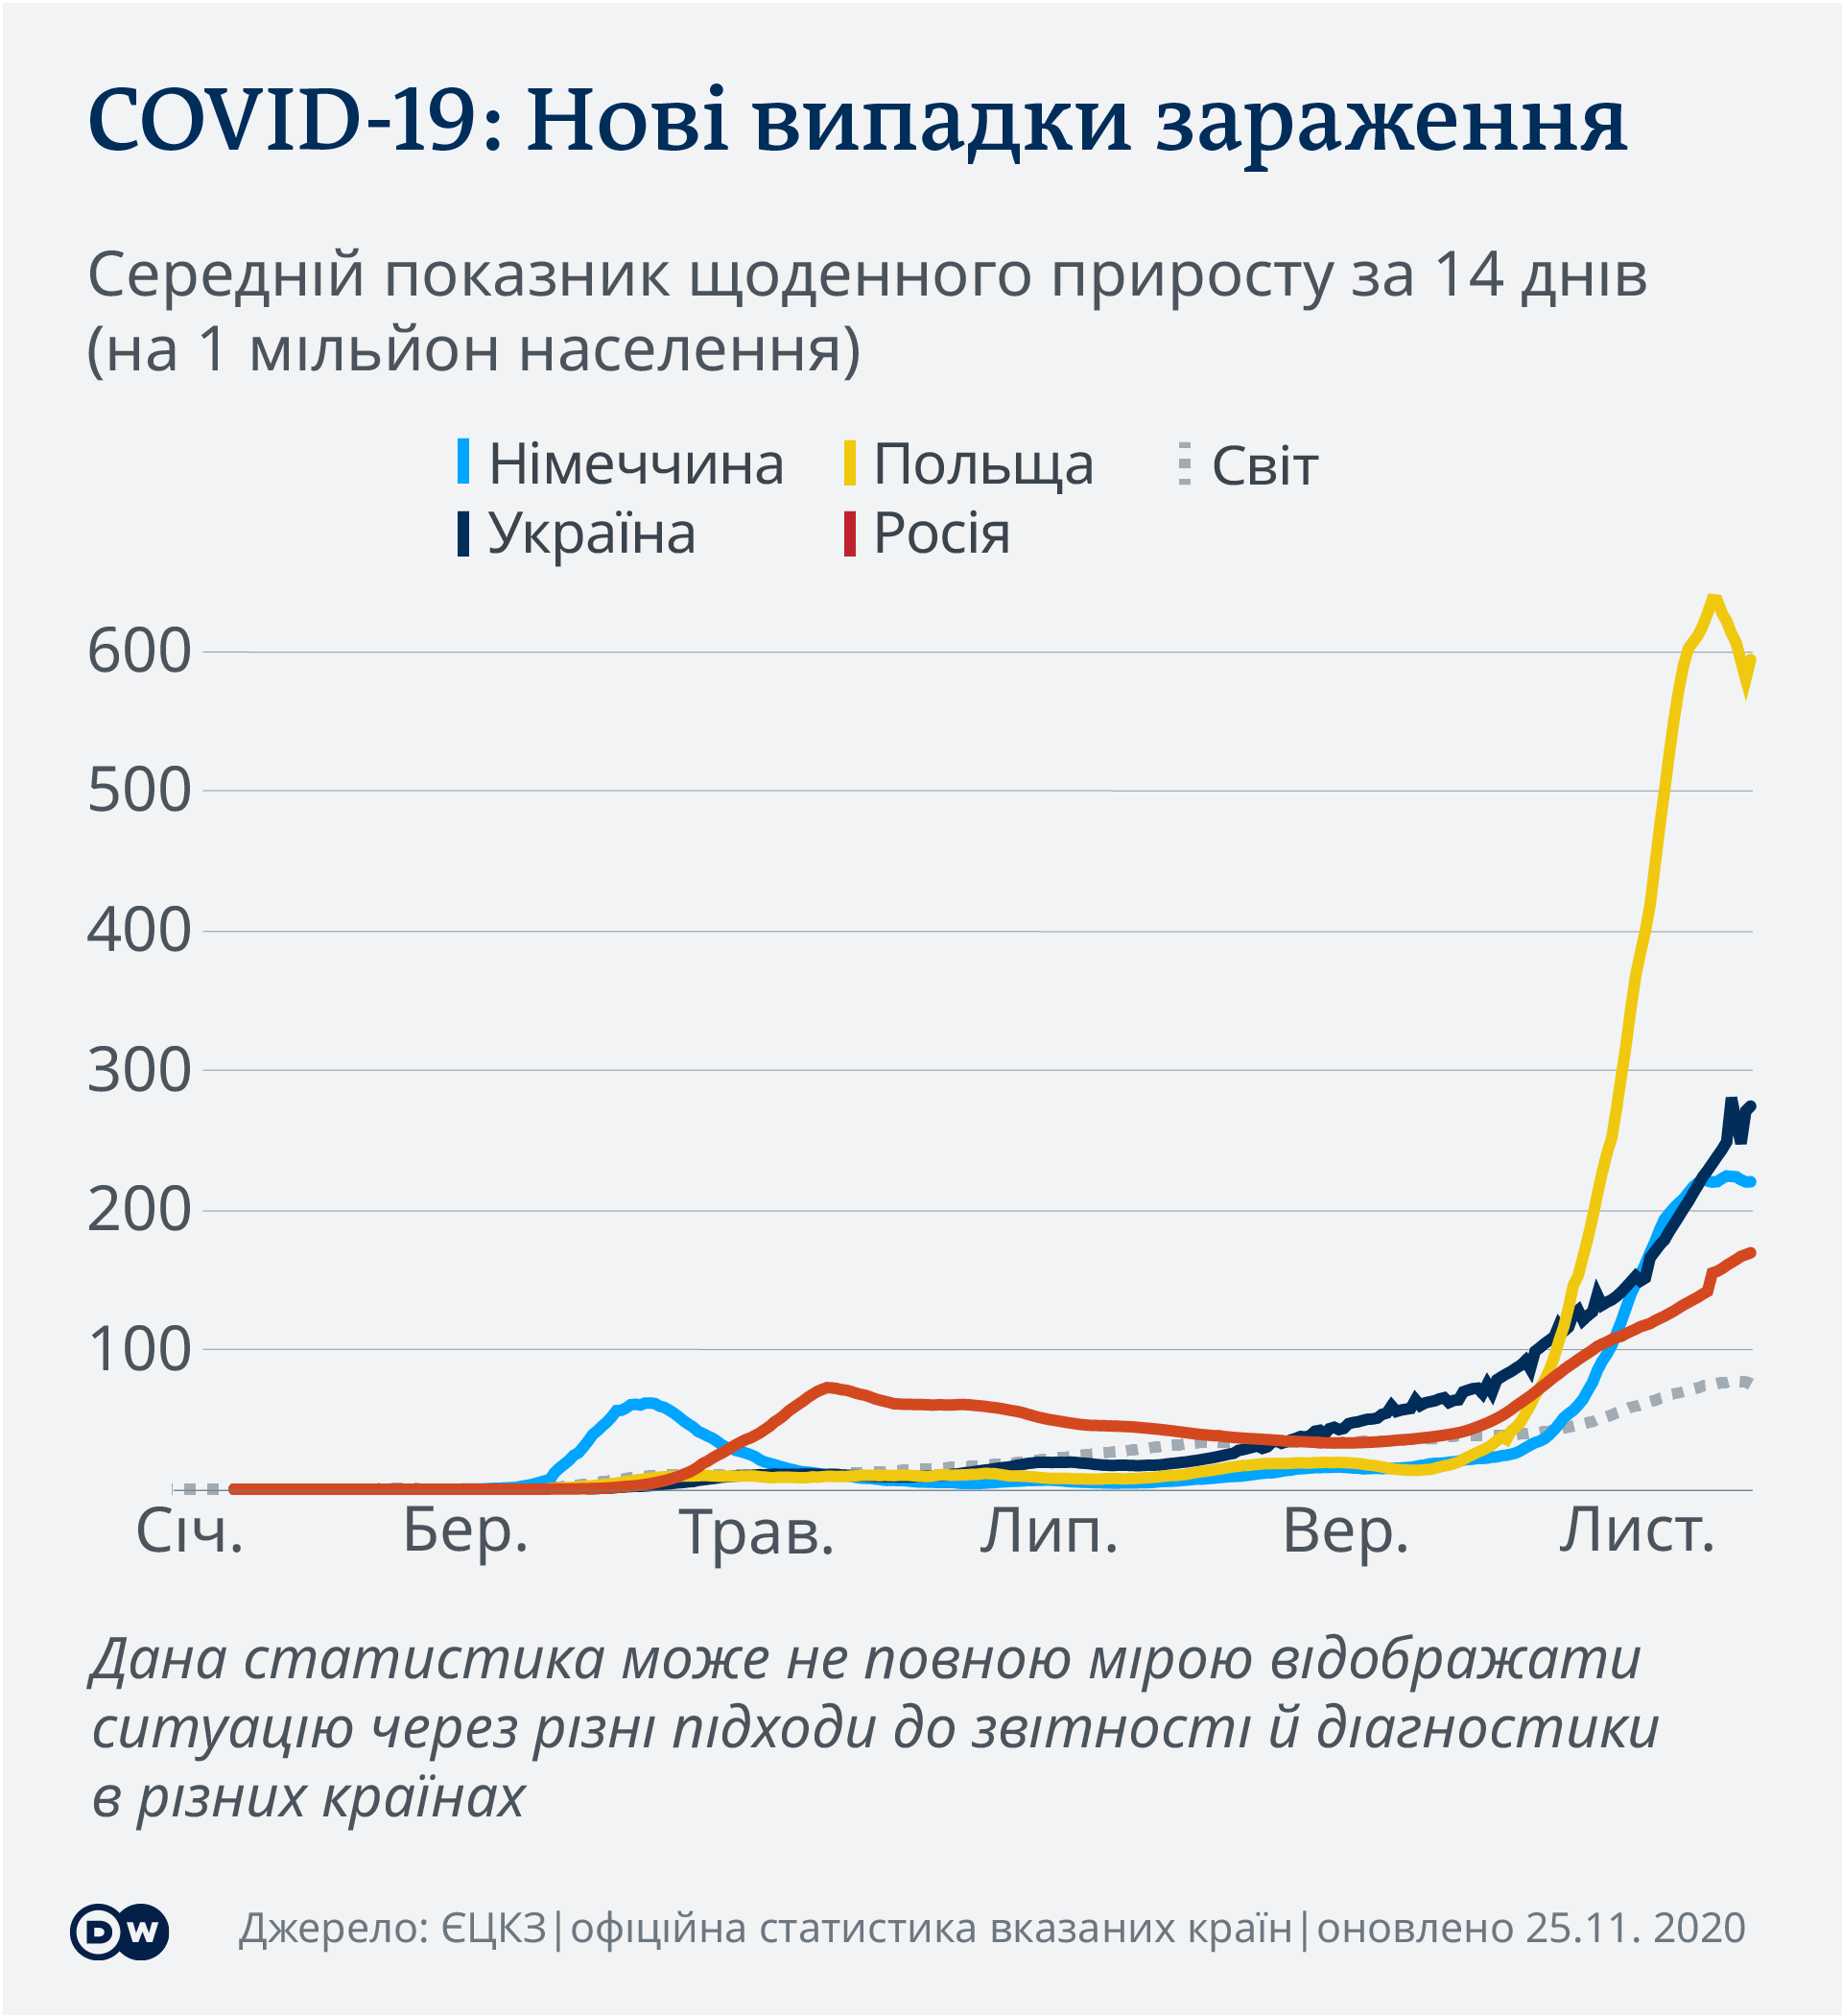 Коронавірус в Україні, Польщі, ФРН і Росії: динаміка зараження (візуалізація даних)